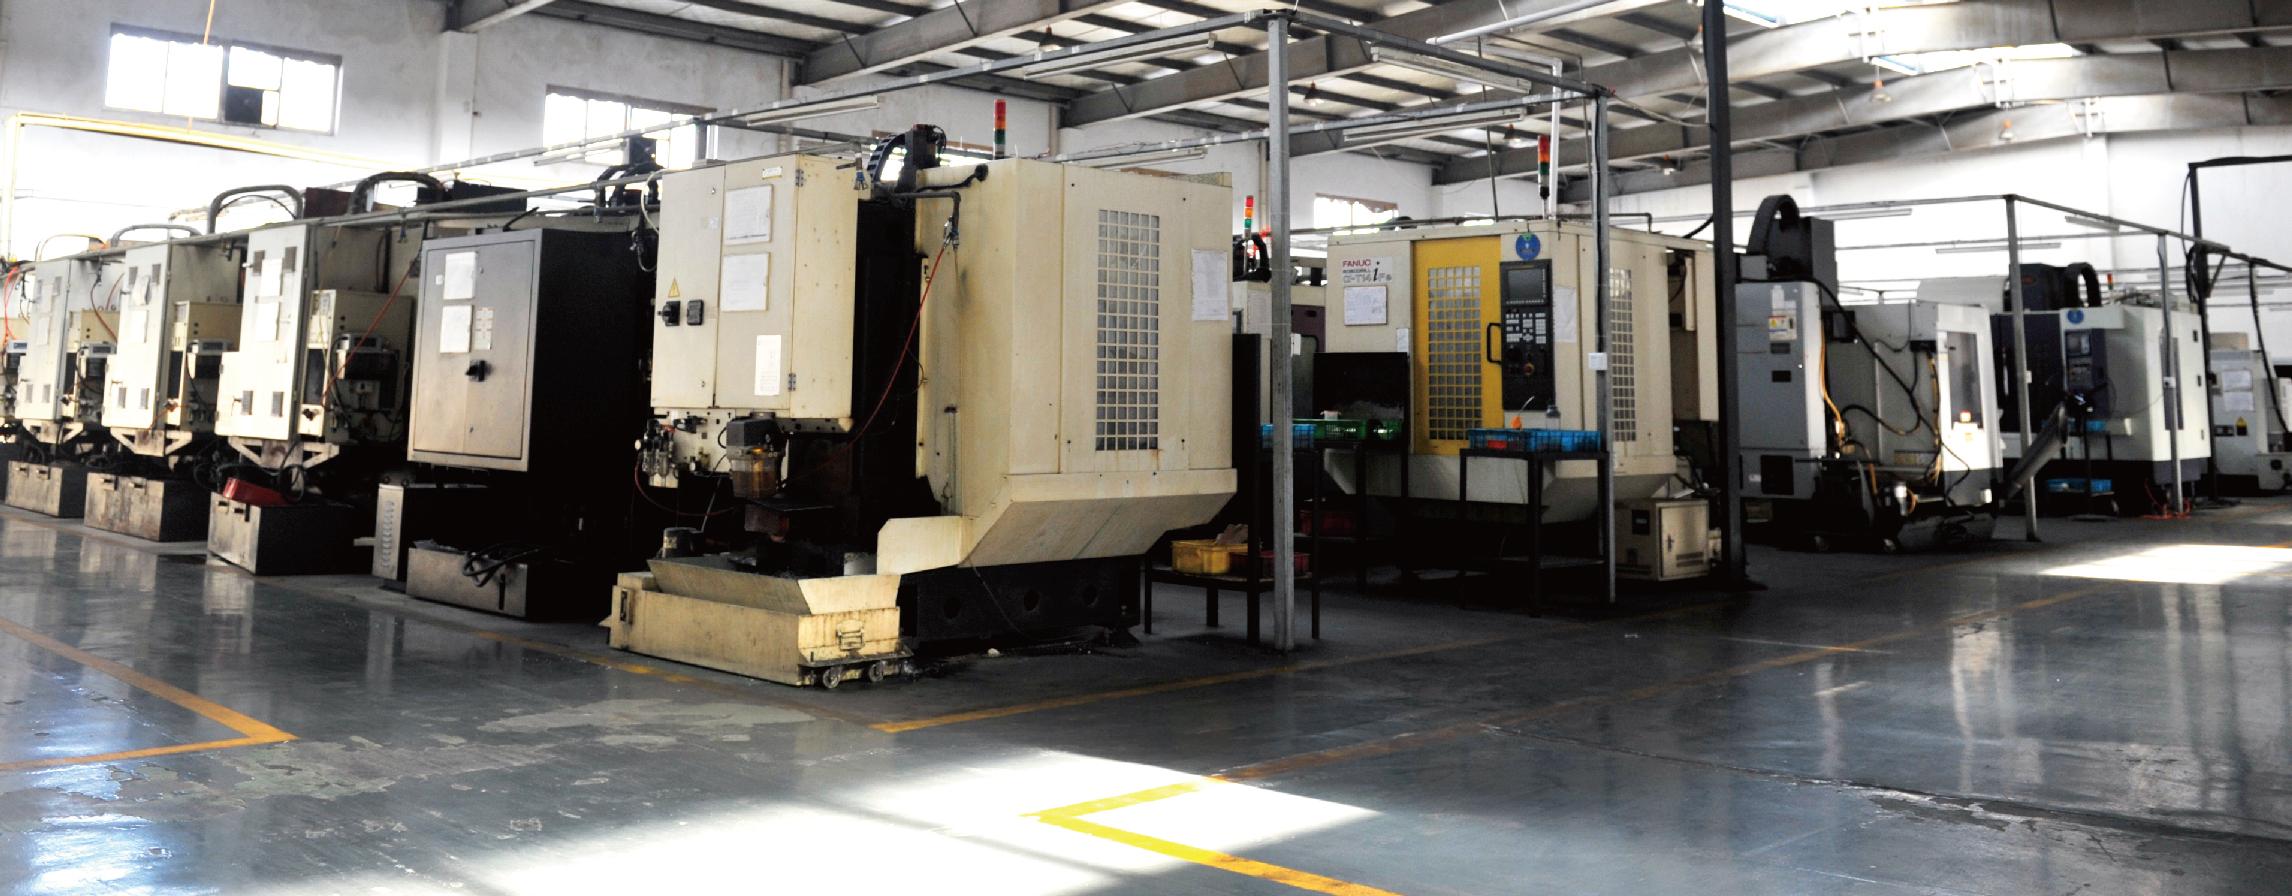 manufacturing image